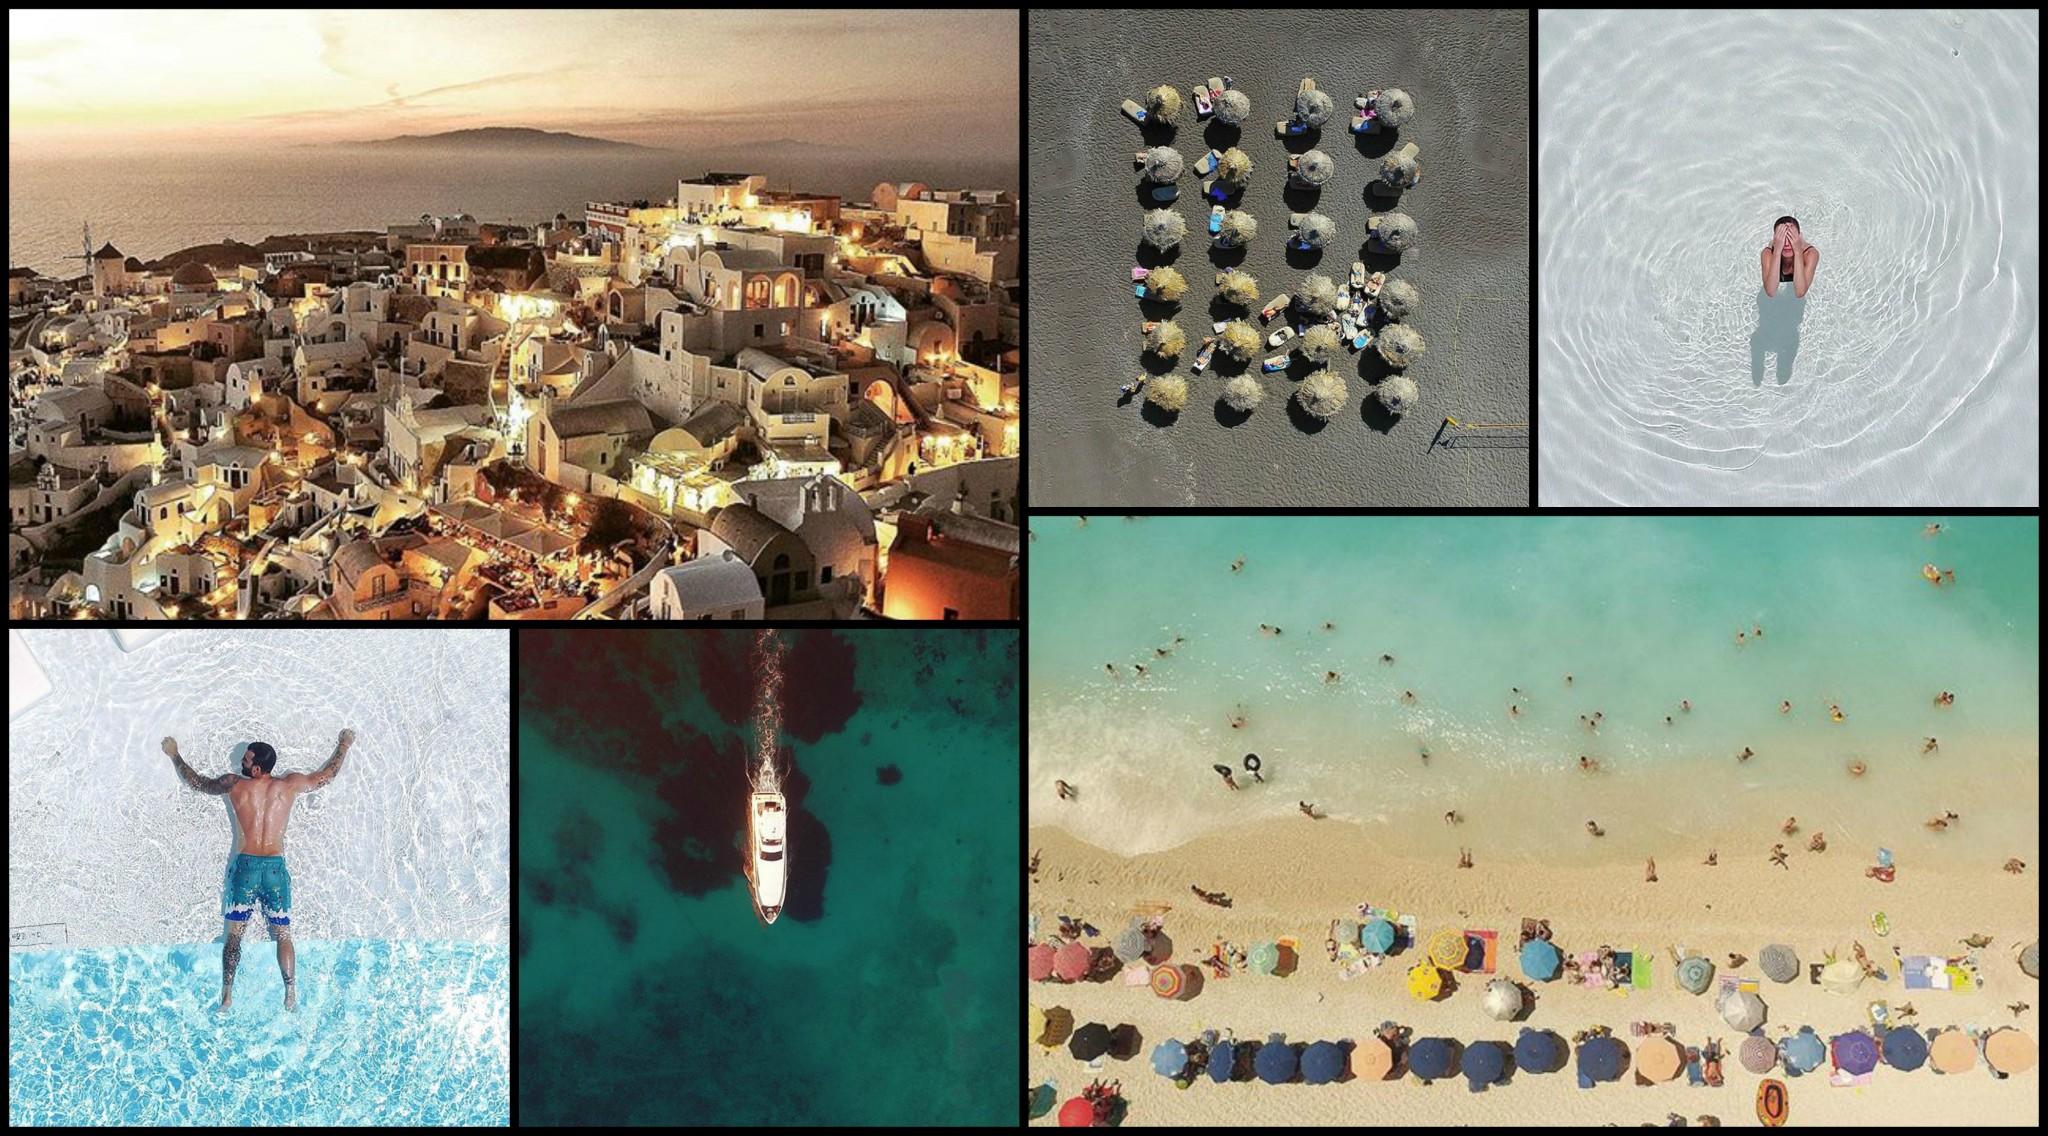 Κώστας Σπαθής #spathumpa - Η Ελλάδα ειναι το ομορφότερο μέρος του πλανήτη, είναι αλήθεια